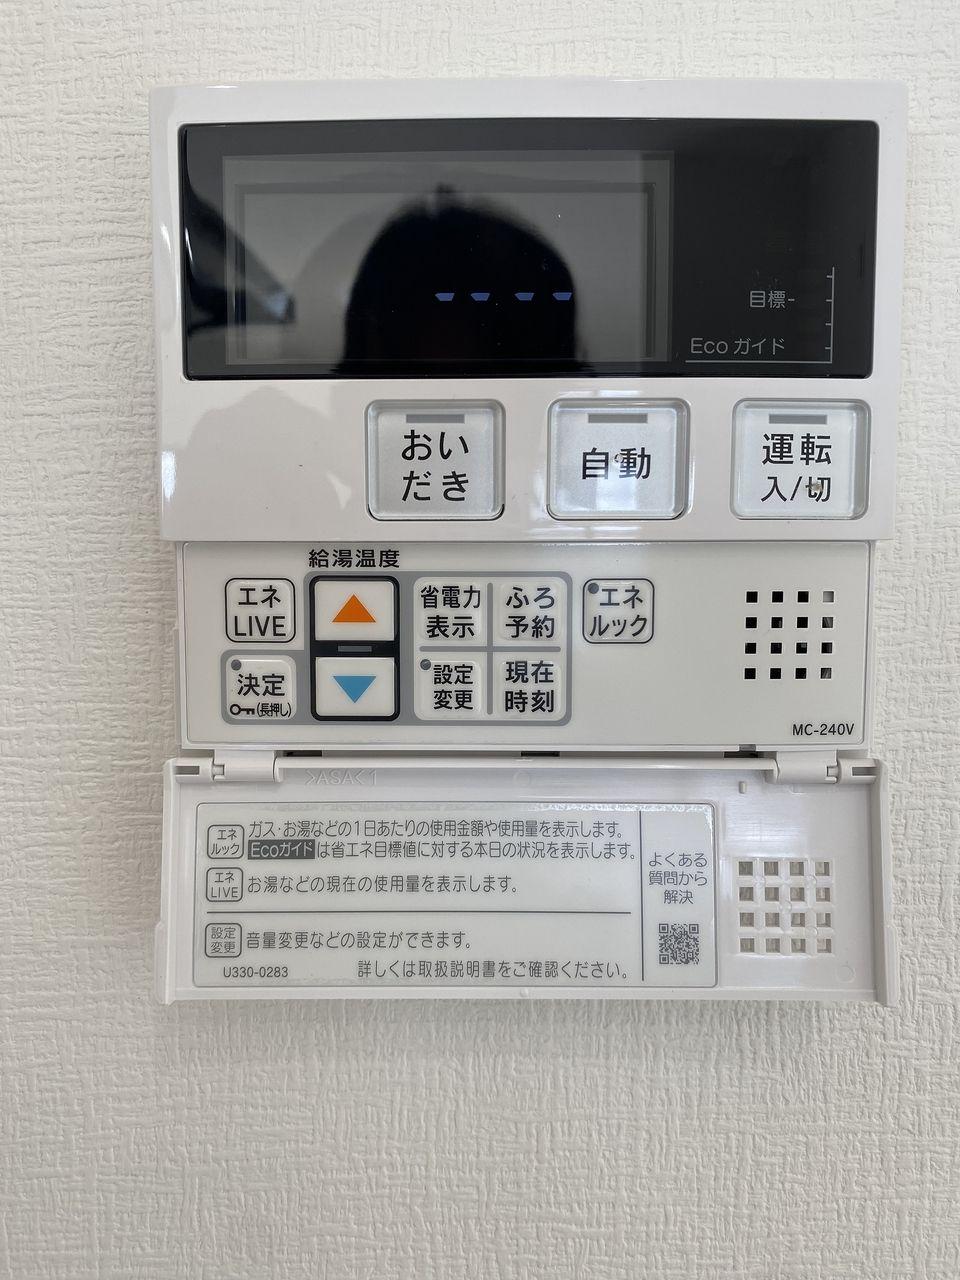 エネルックで給湯器で使用したガスやお湯、家中の電気使用量 ※ や料金、CO2排出量の目安をリモコンに表示します。 エネルギー使用量を知ることができます。